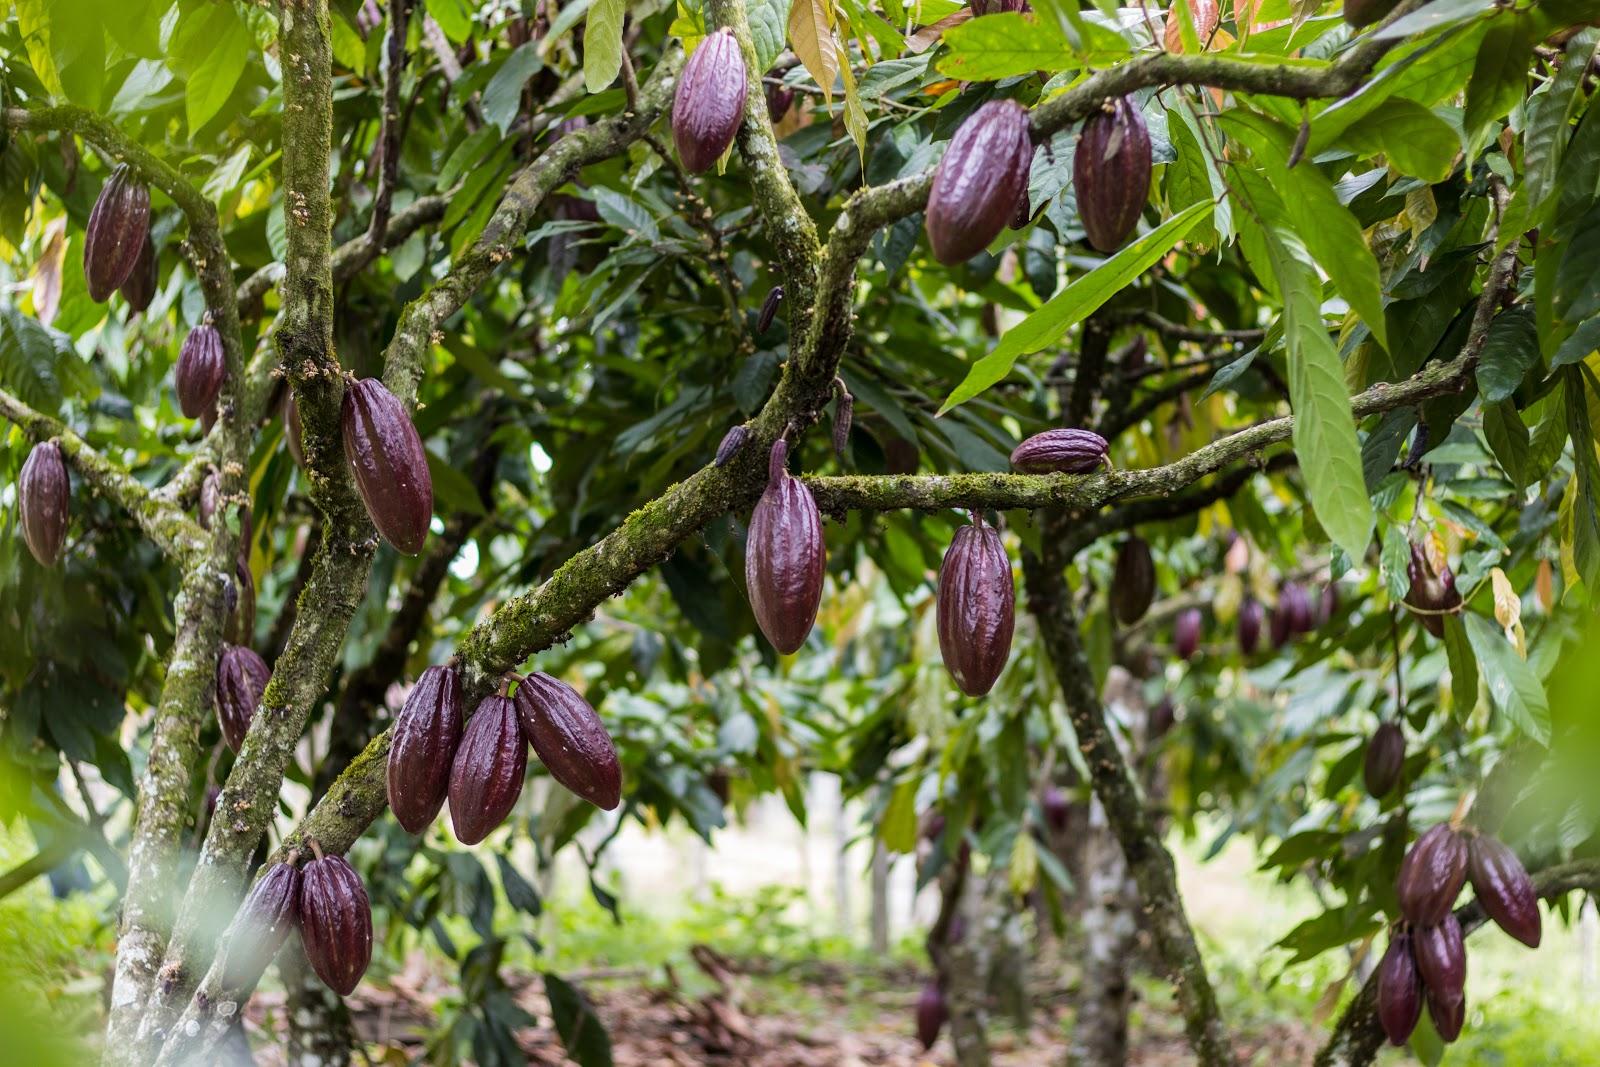 un arbol de cacao con algunos frutos